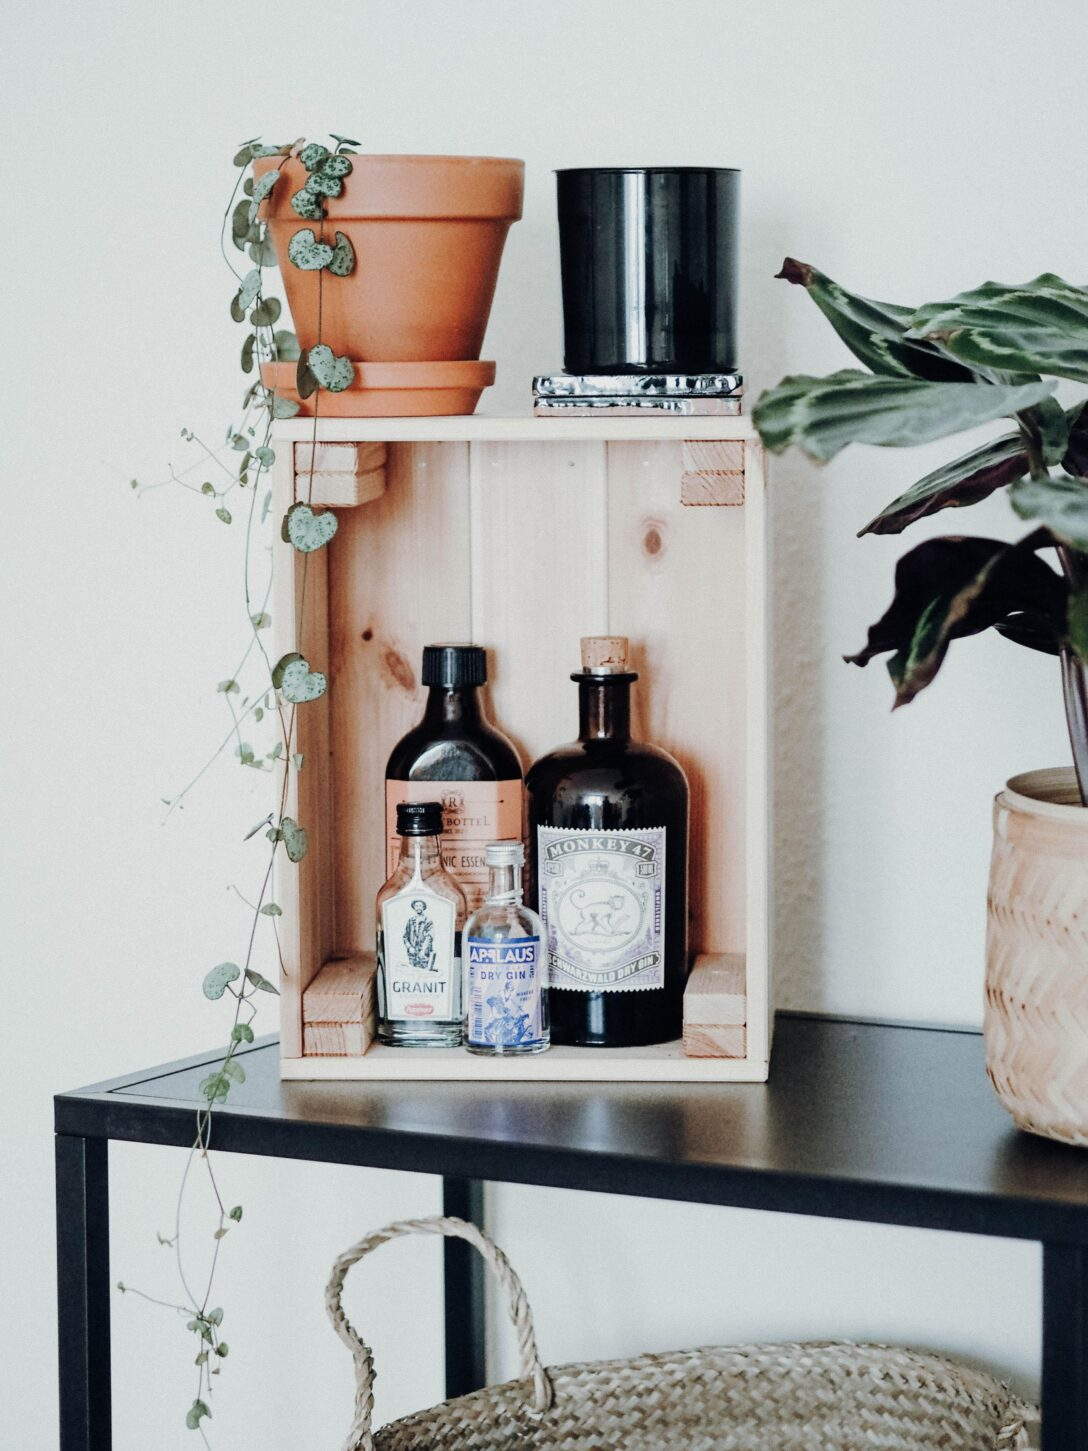 Large Size of Wanddeko Wohnzimmer Bilder Selber Machen Modern Ebay Ikea Holz Diy Metall Amazon Ideen Silber Deko Mach Es Dir Gemtlich Tapeten Board Lampen Pendelleuchte Led Wohnzimmer Wanddeko Wohnzimmer